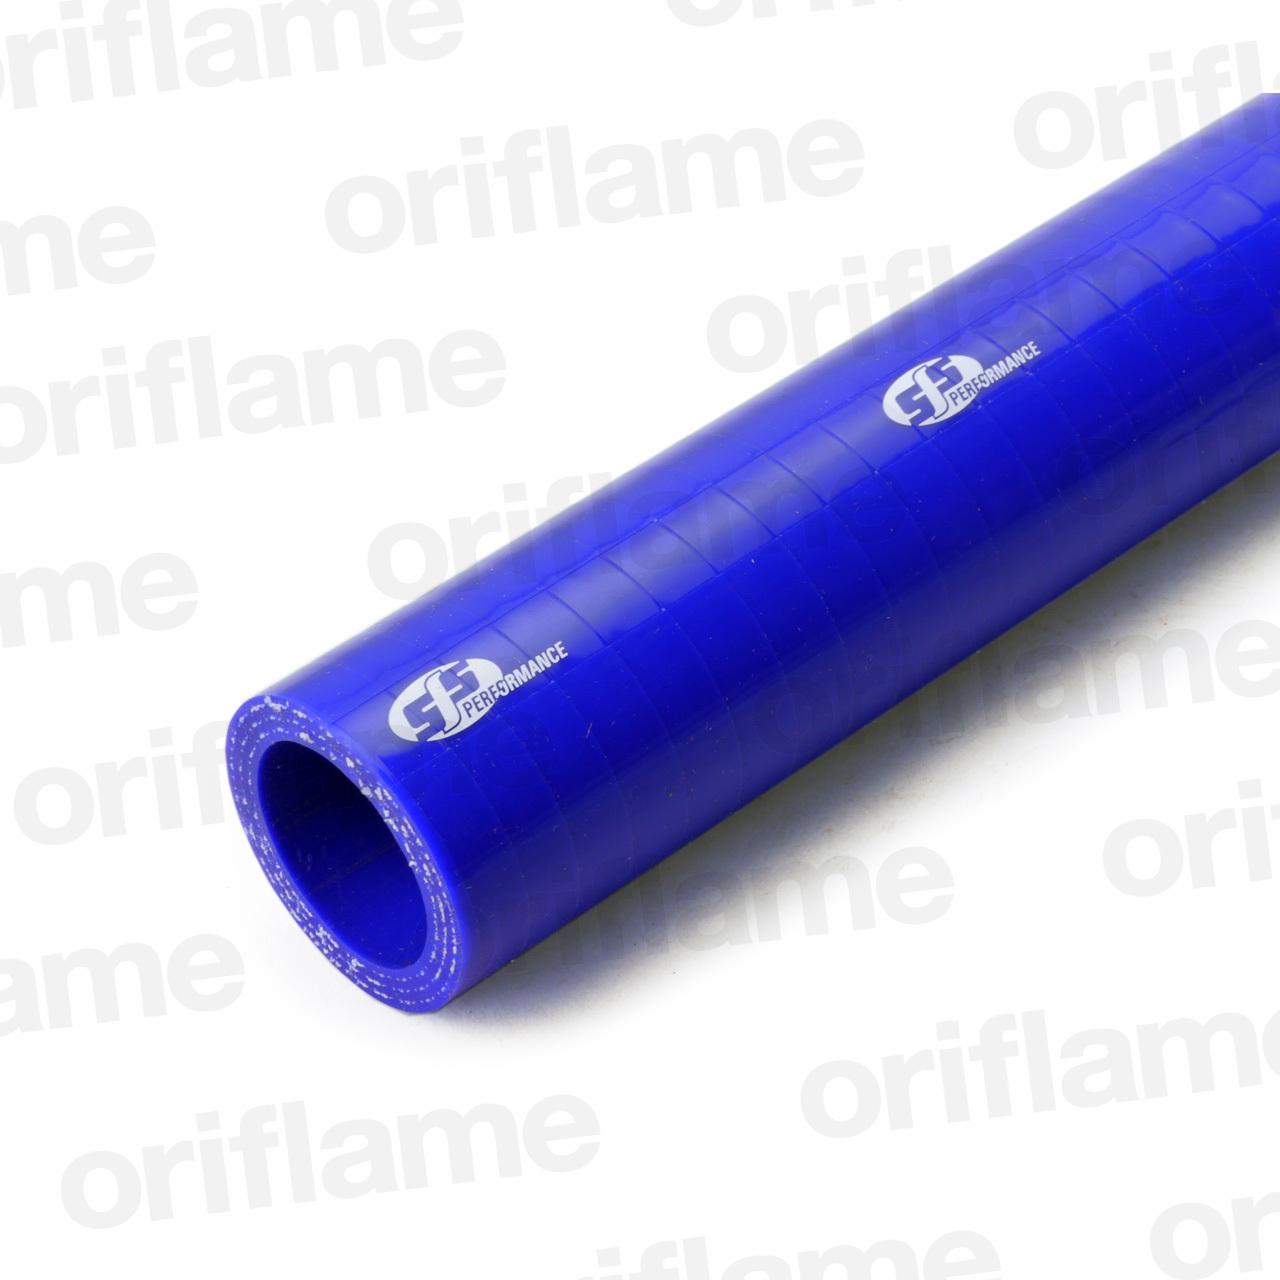 ストレートホース・内径28mm・ブルー